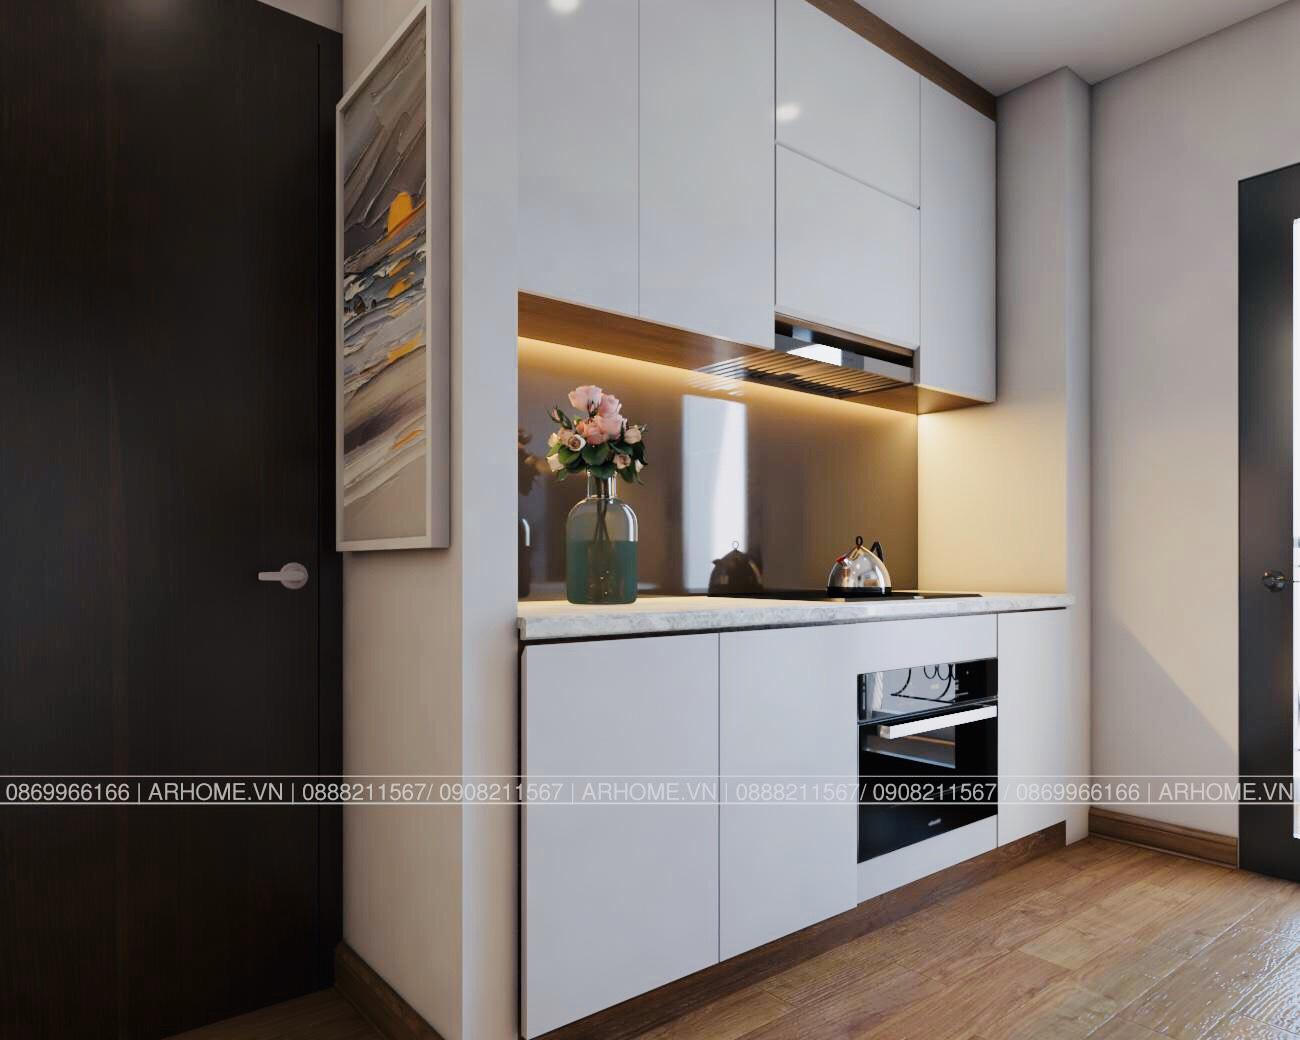 Thiết kế nội thất Chung Cư tại Hà Nội Ấn tượng khó phai với Thiết kế nội thất căn hộ Chung cư Lạc Hồng West Lake của Cô Họa sĩ 1585985648 5